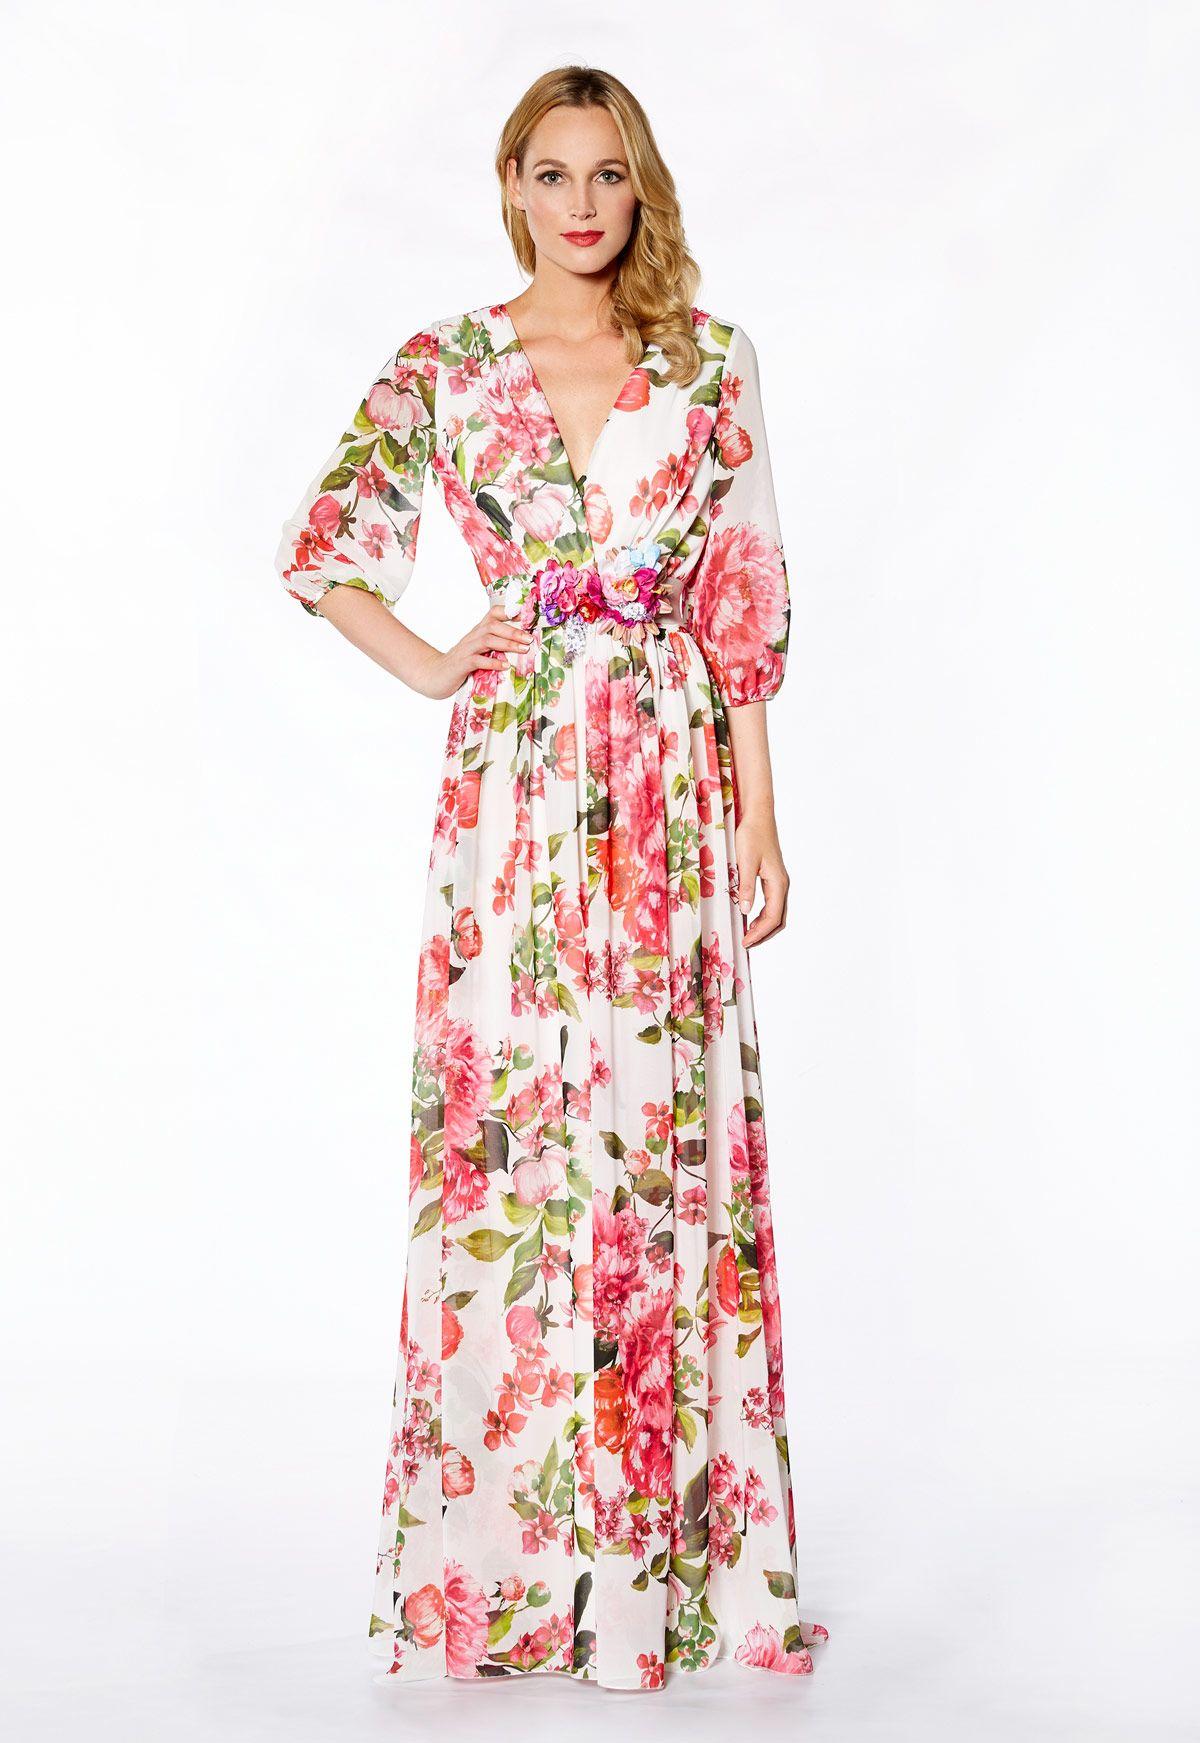 Tienda de vestidos de fiesta y madrina de Maria Lago colección 2017 modelo  1125 en Eva Novias Calle Mayor b2f73f3f58dd